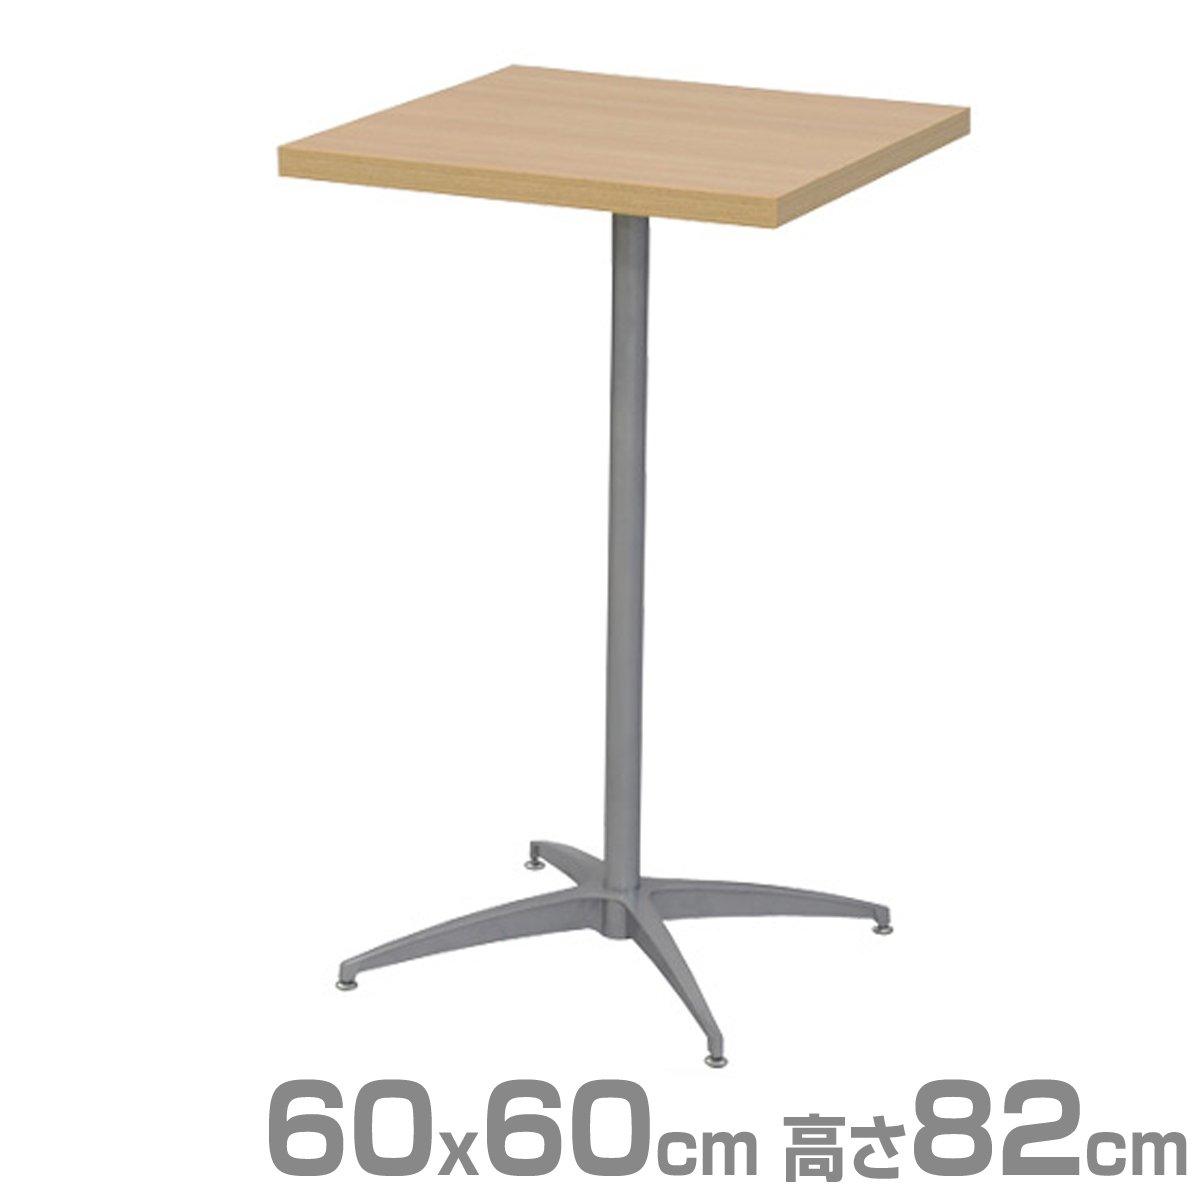 エイアイエス(AIS) カフェキッツ セット ハイテーブル 60×60cm 正方形 高さ82cm CFK-600SQ-NA (天板/74cm脚/プレート) ナチュラル B01LZD6MP1